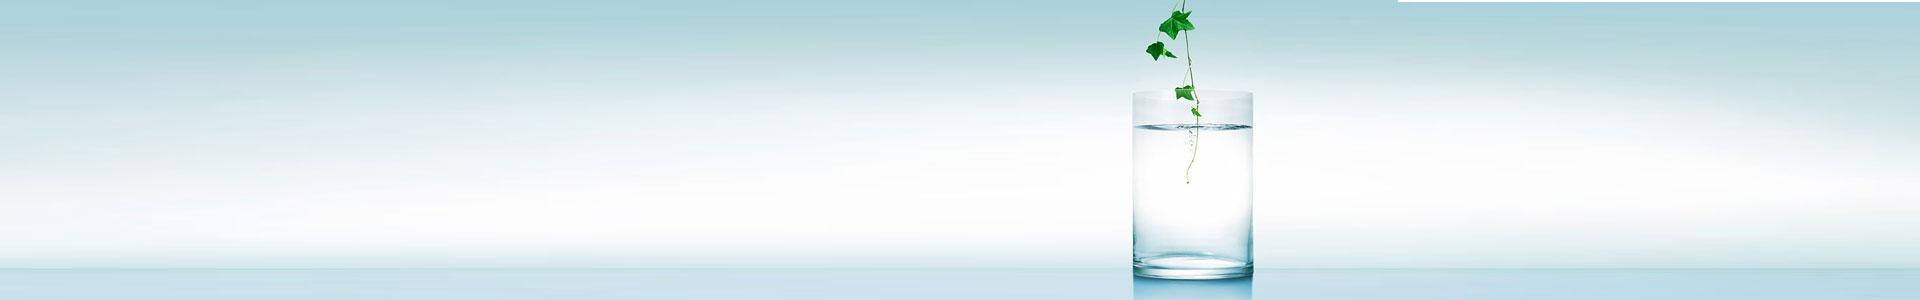 联系我们 服务热线:4006-330-233 办公地址:湘潭市雨湖区鹤岭镇农科村